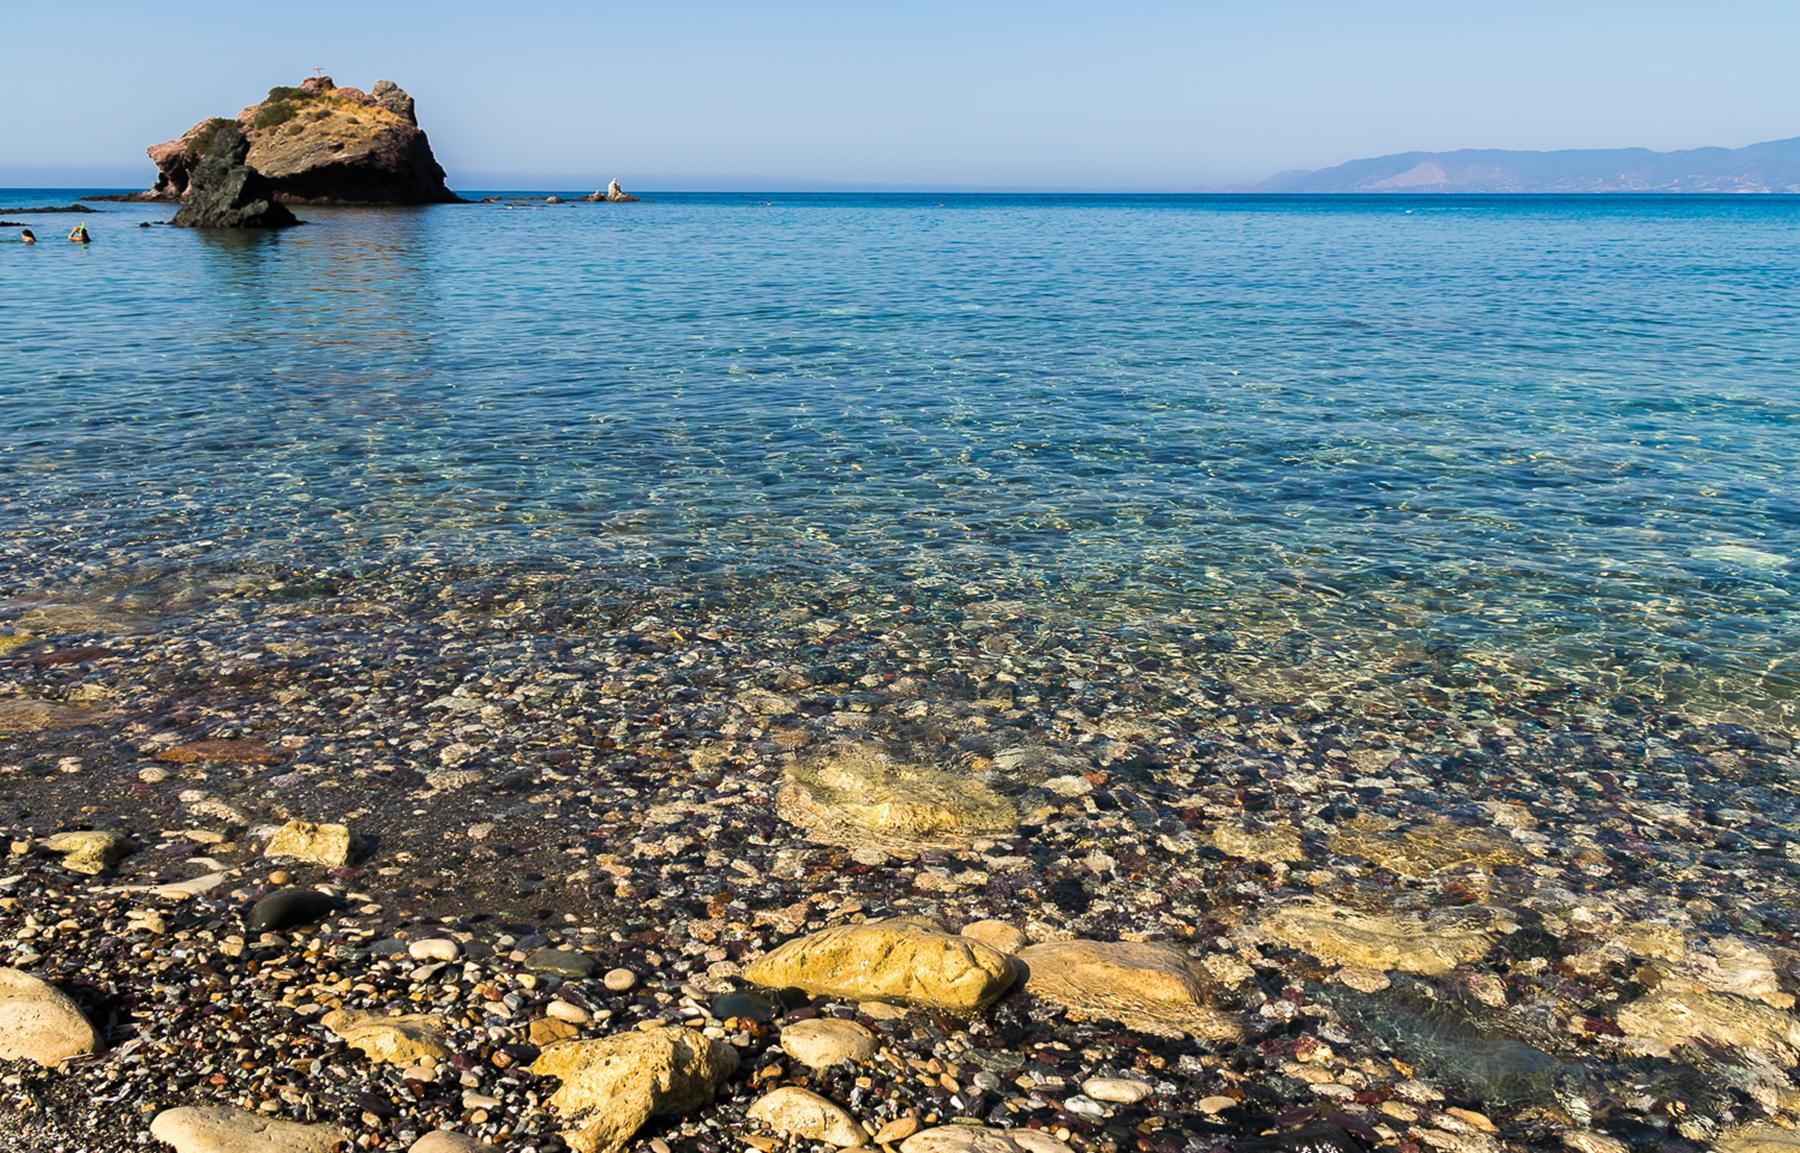 Каменистый, но мягкий заход в синее море Акамаса